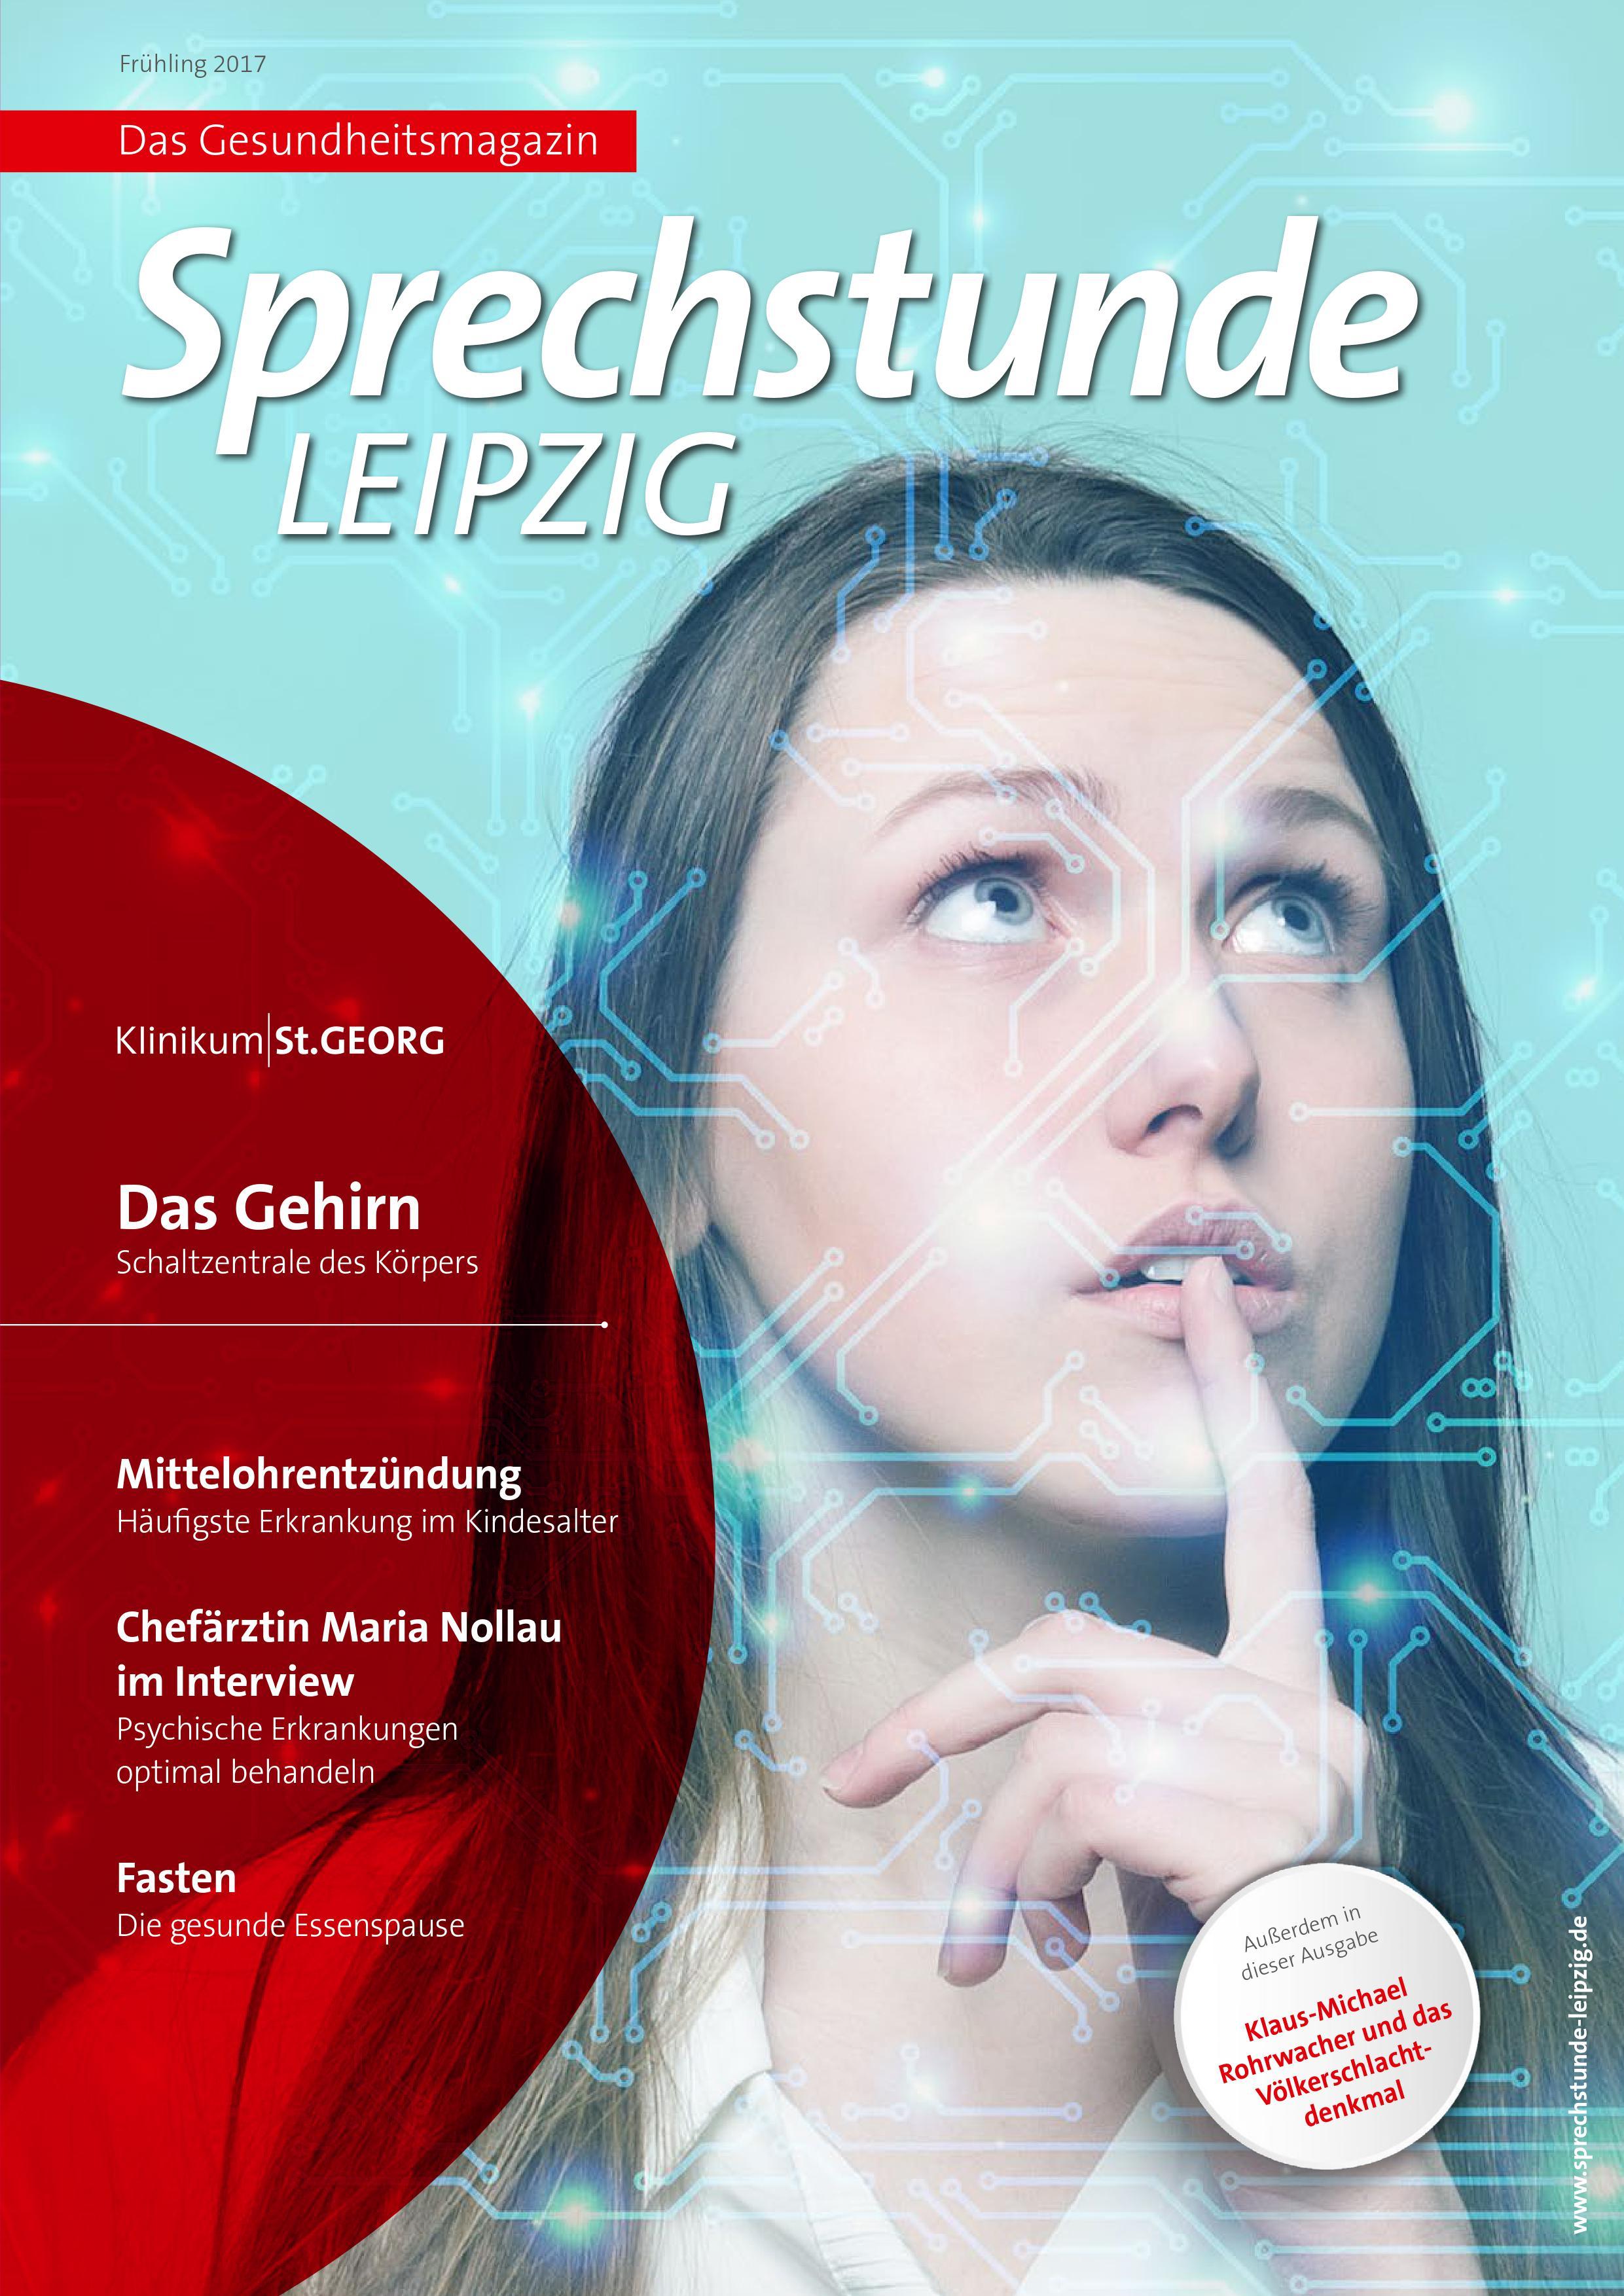 st_georg_sprechstunde_cover-02